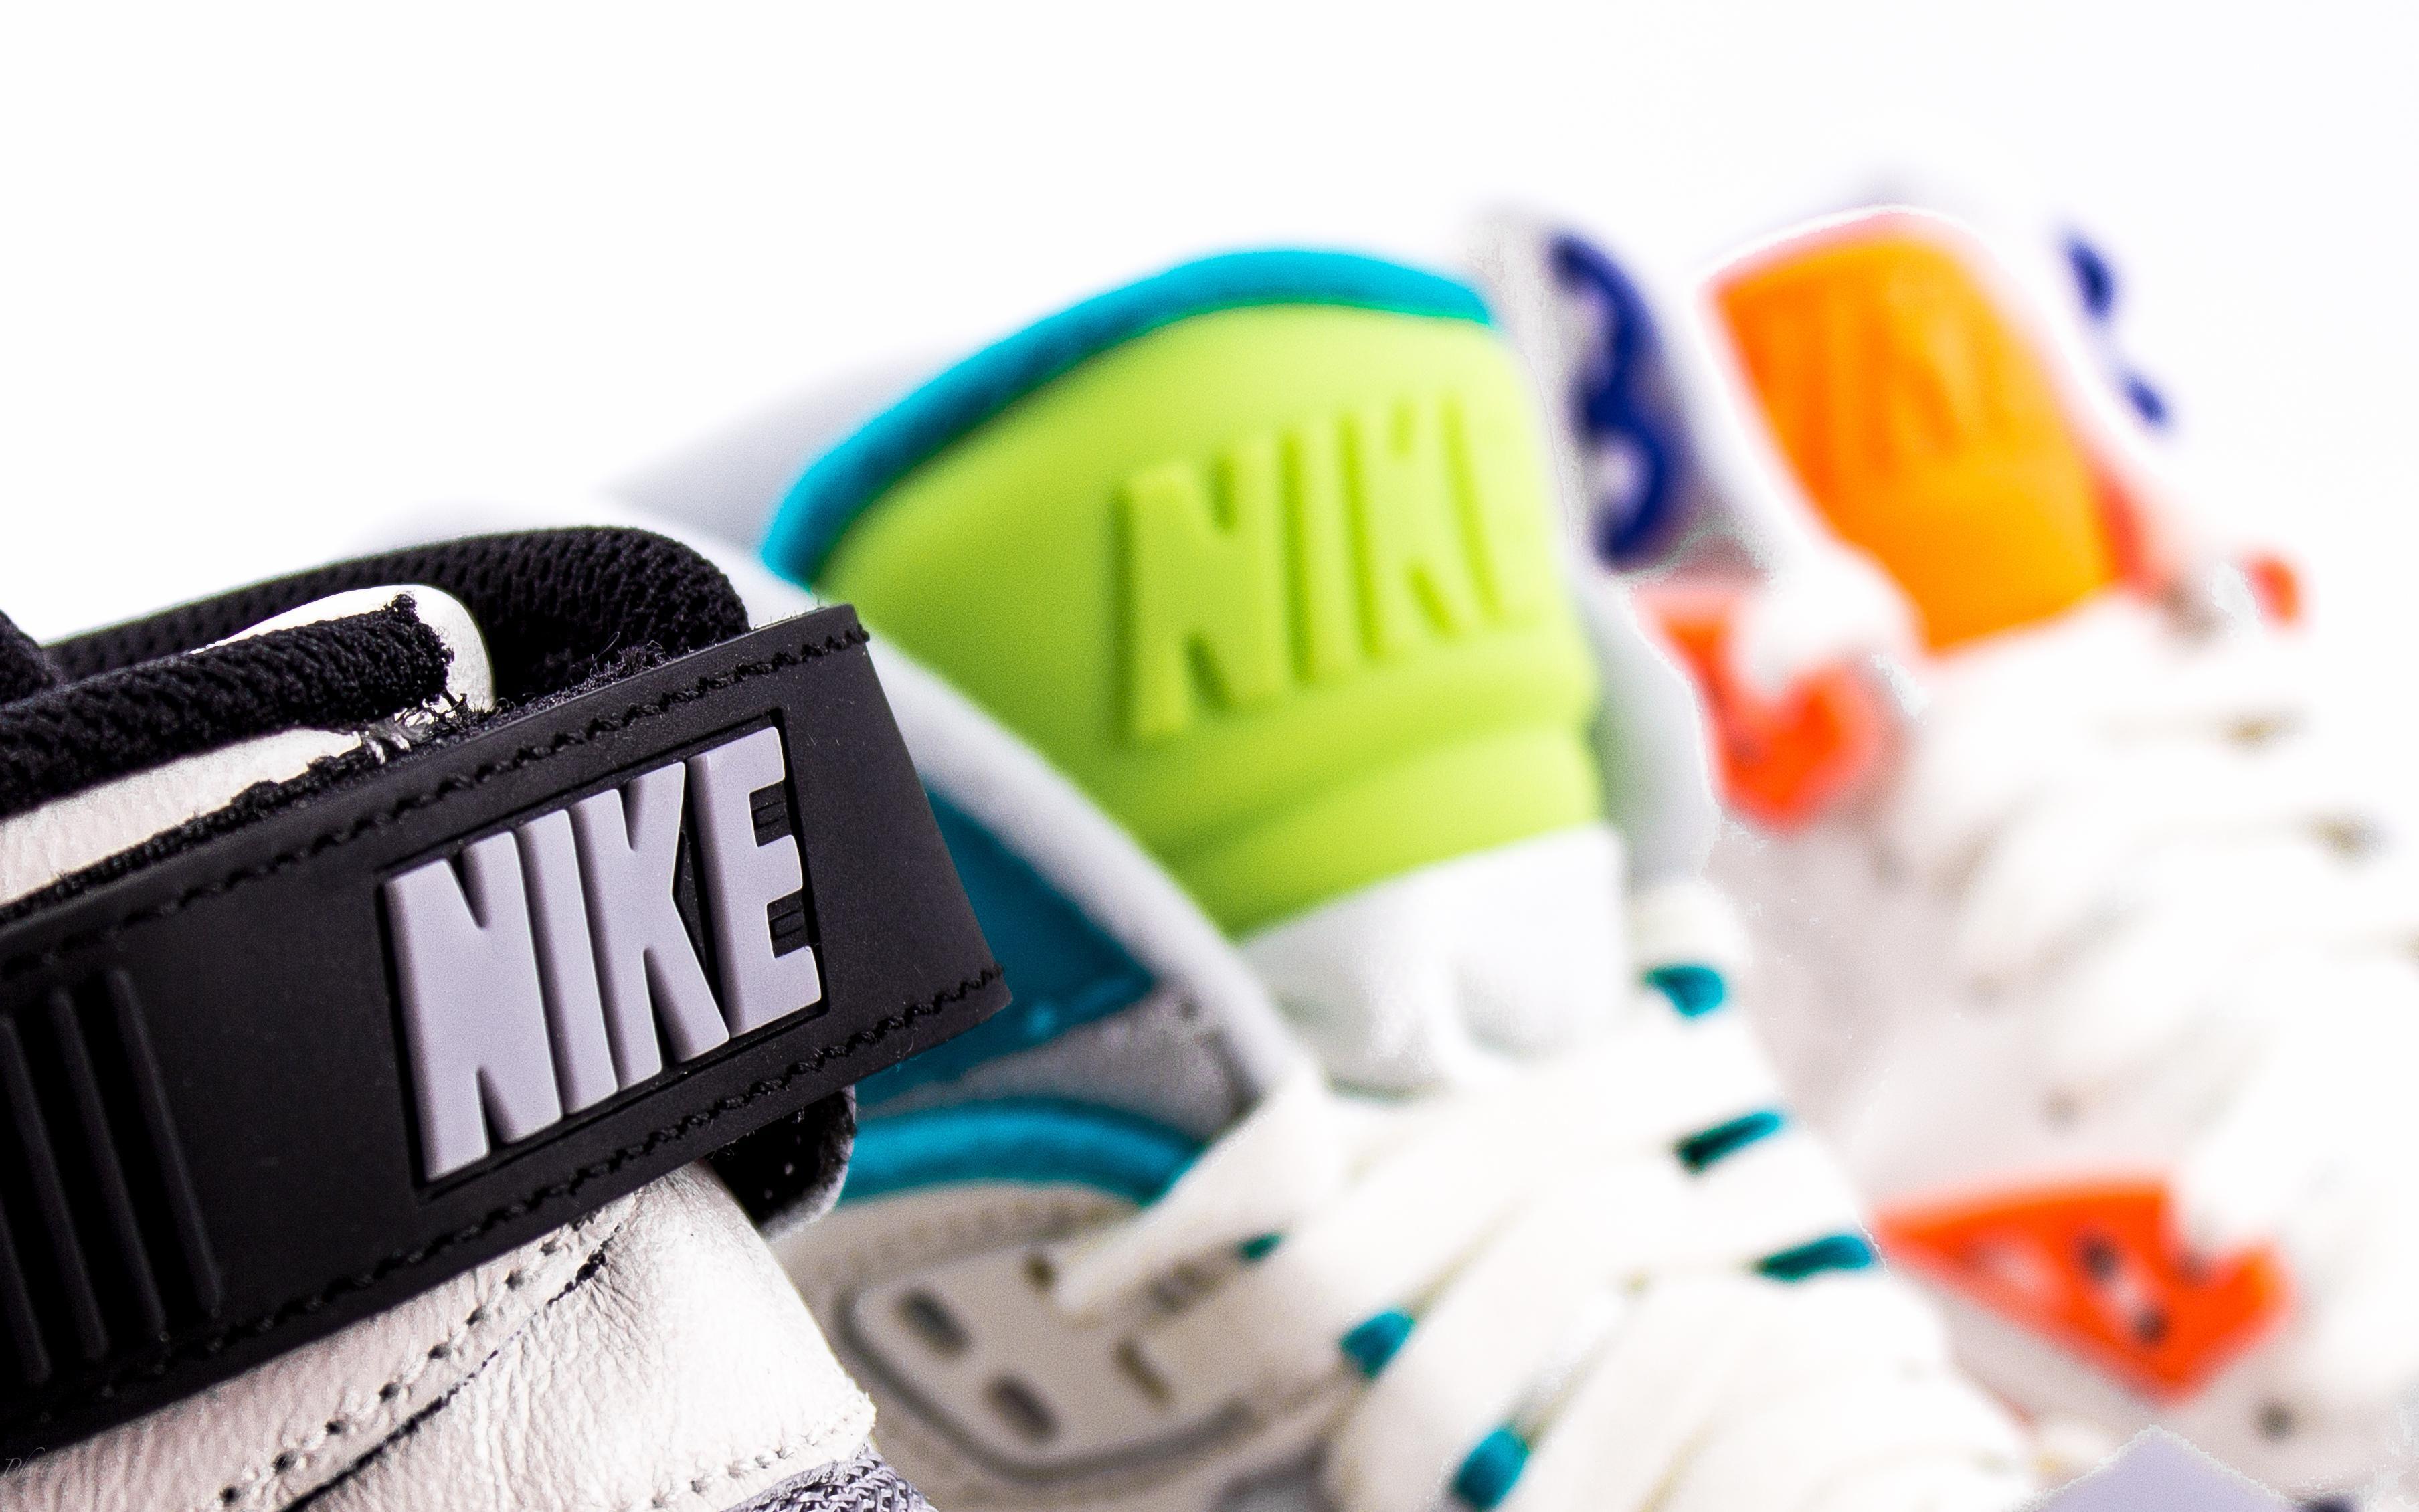 best service 74193 3df92 Buy Nike Sportswear in Baku, Azerbaijan, Global shopping guide .